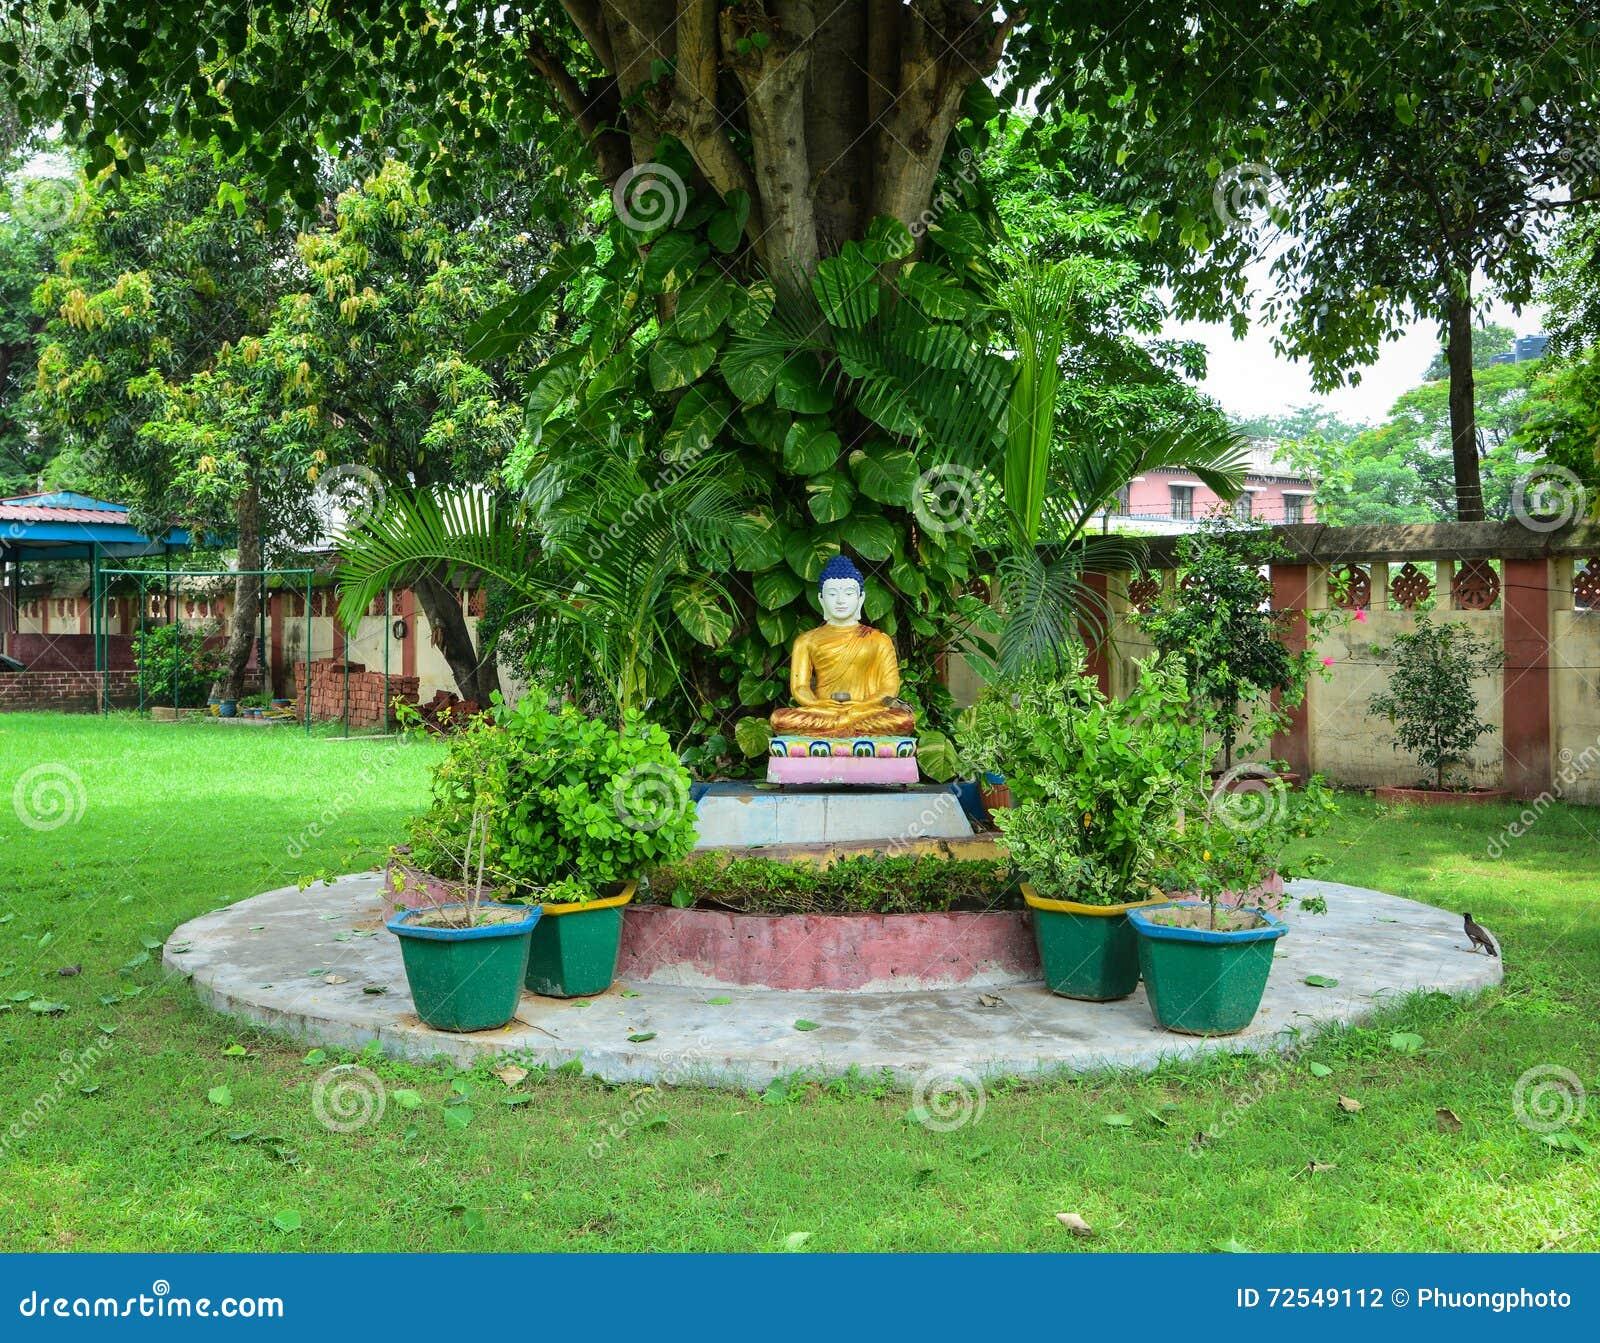 buddha statue garden bodhgaya india stock photos - 17 images